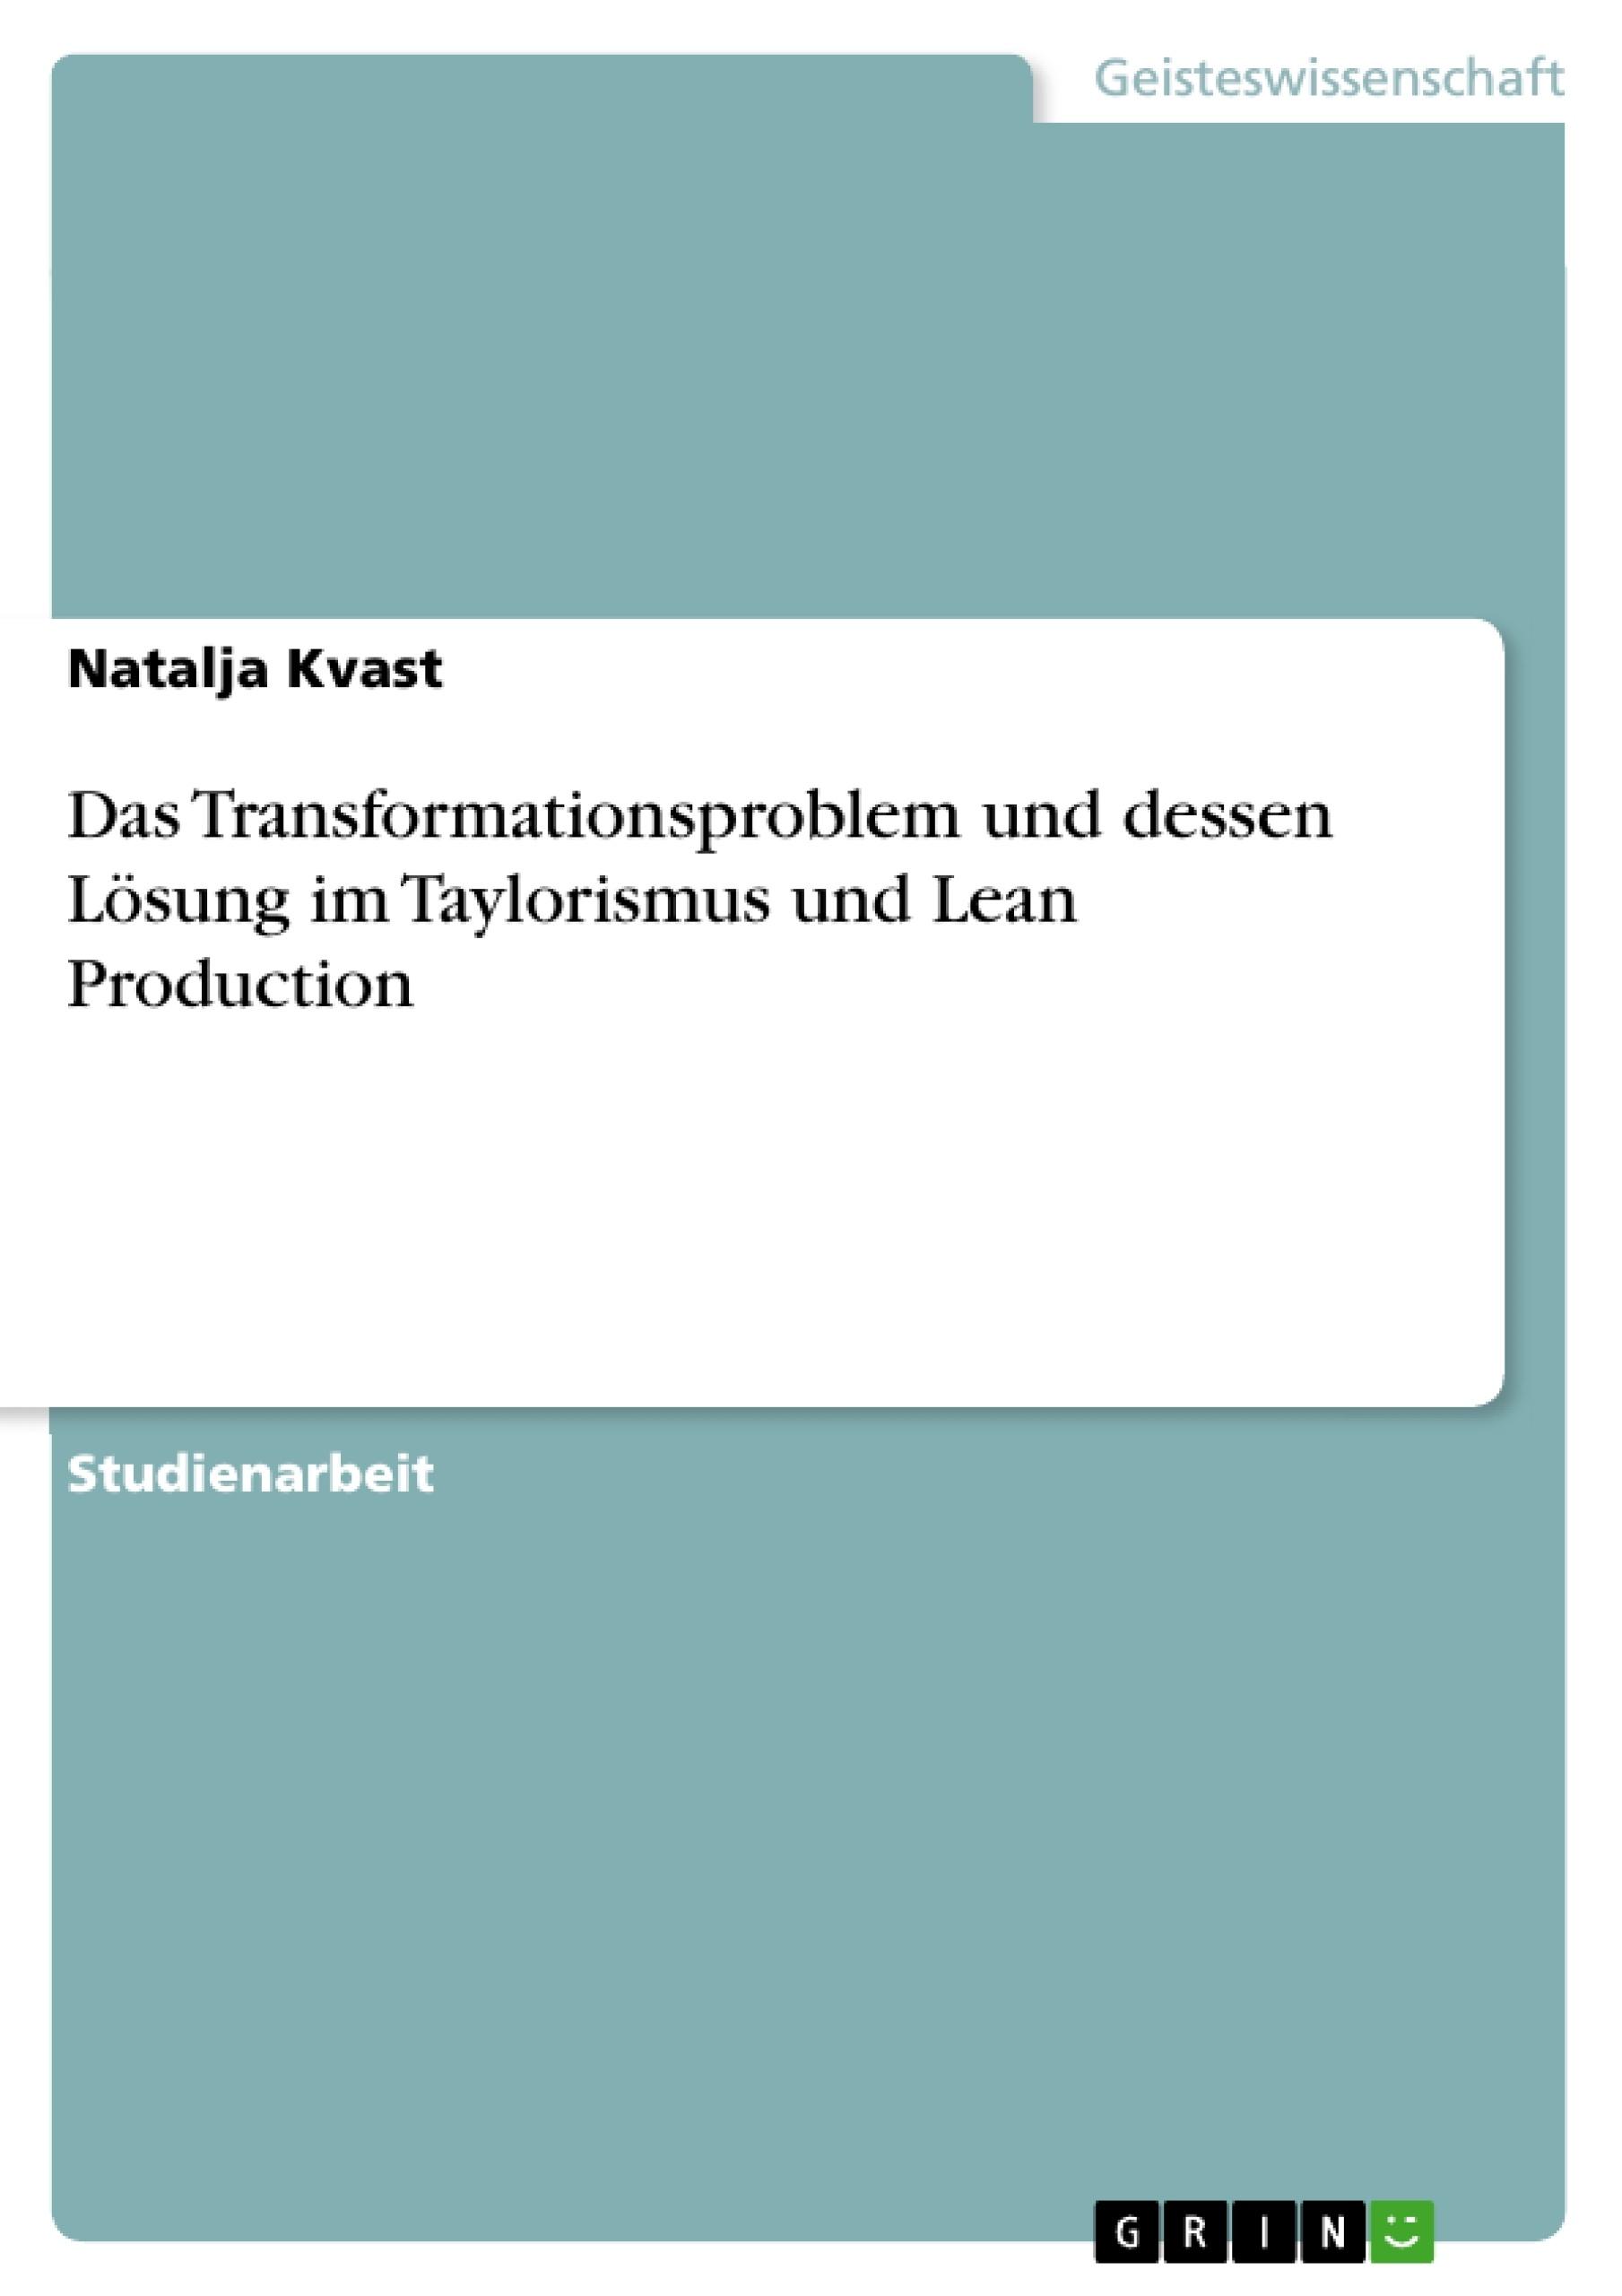 Titel: Das Transformationsproblem und dessen Lösung im Taylorismus und Lean Production